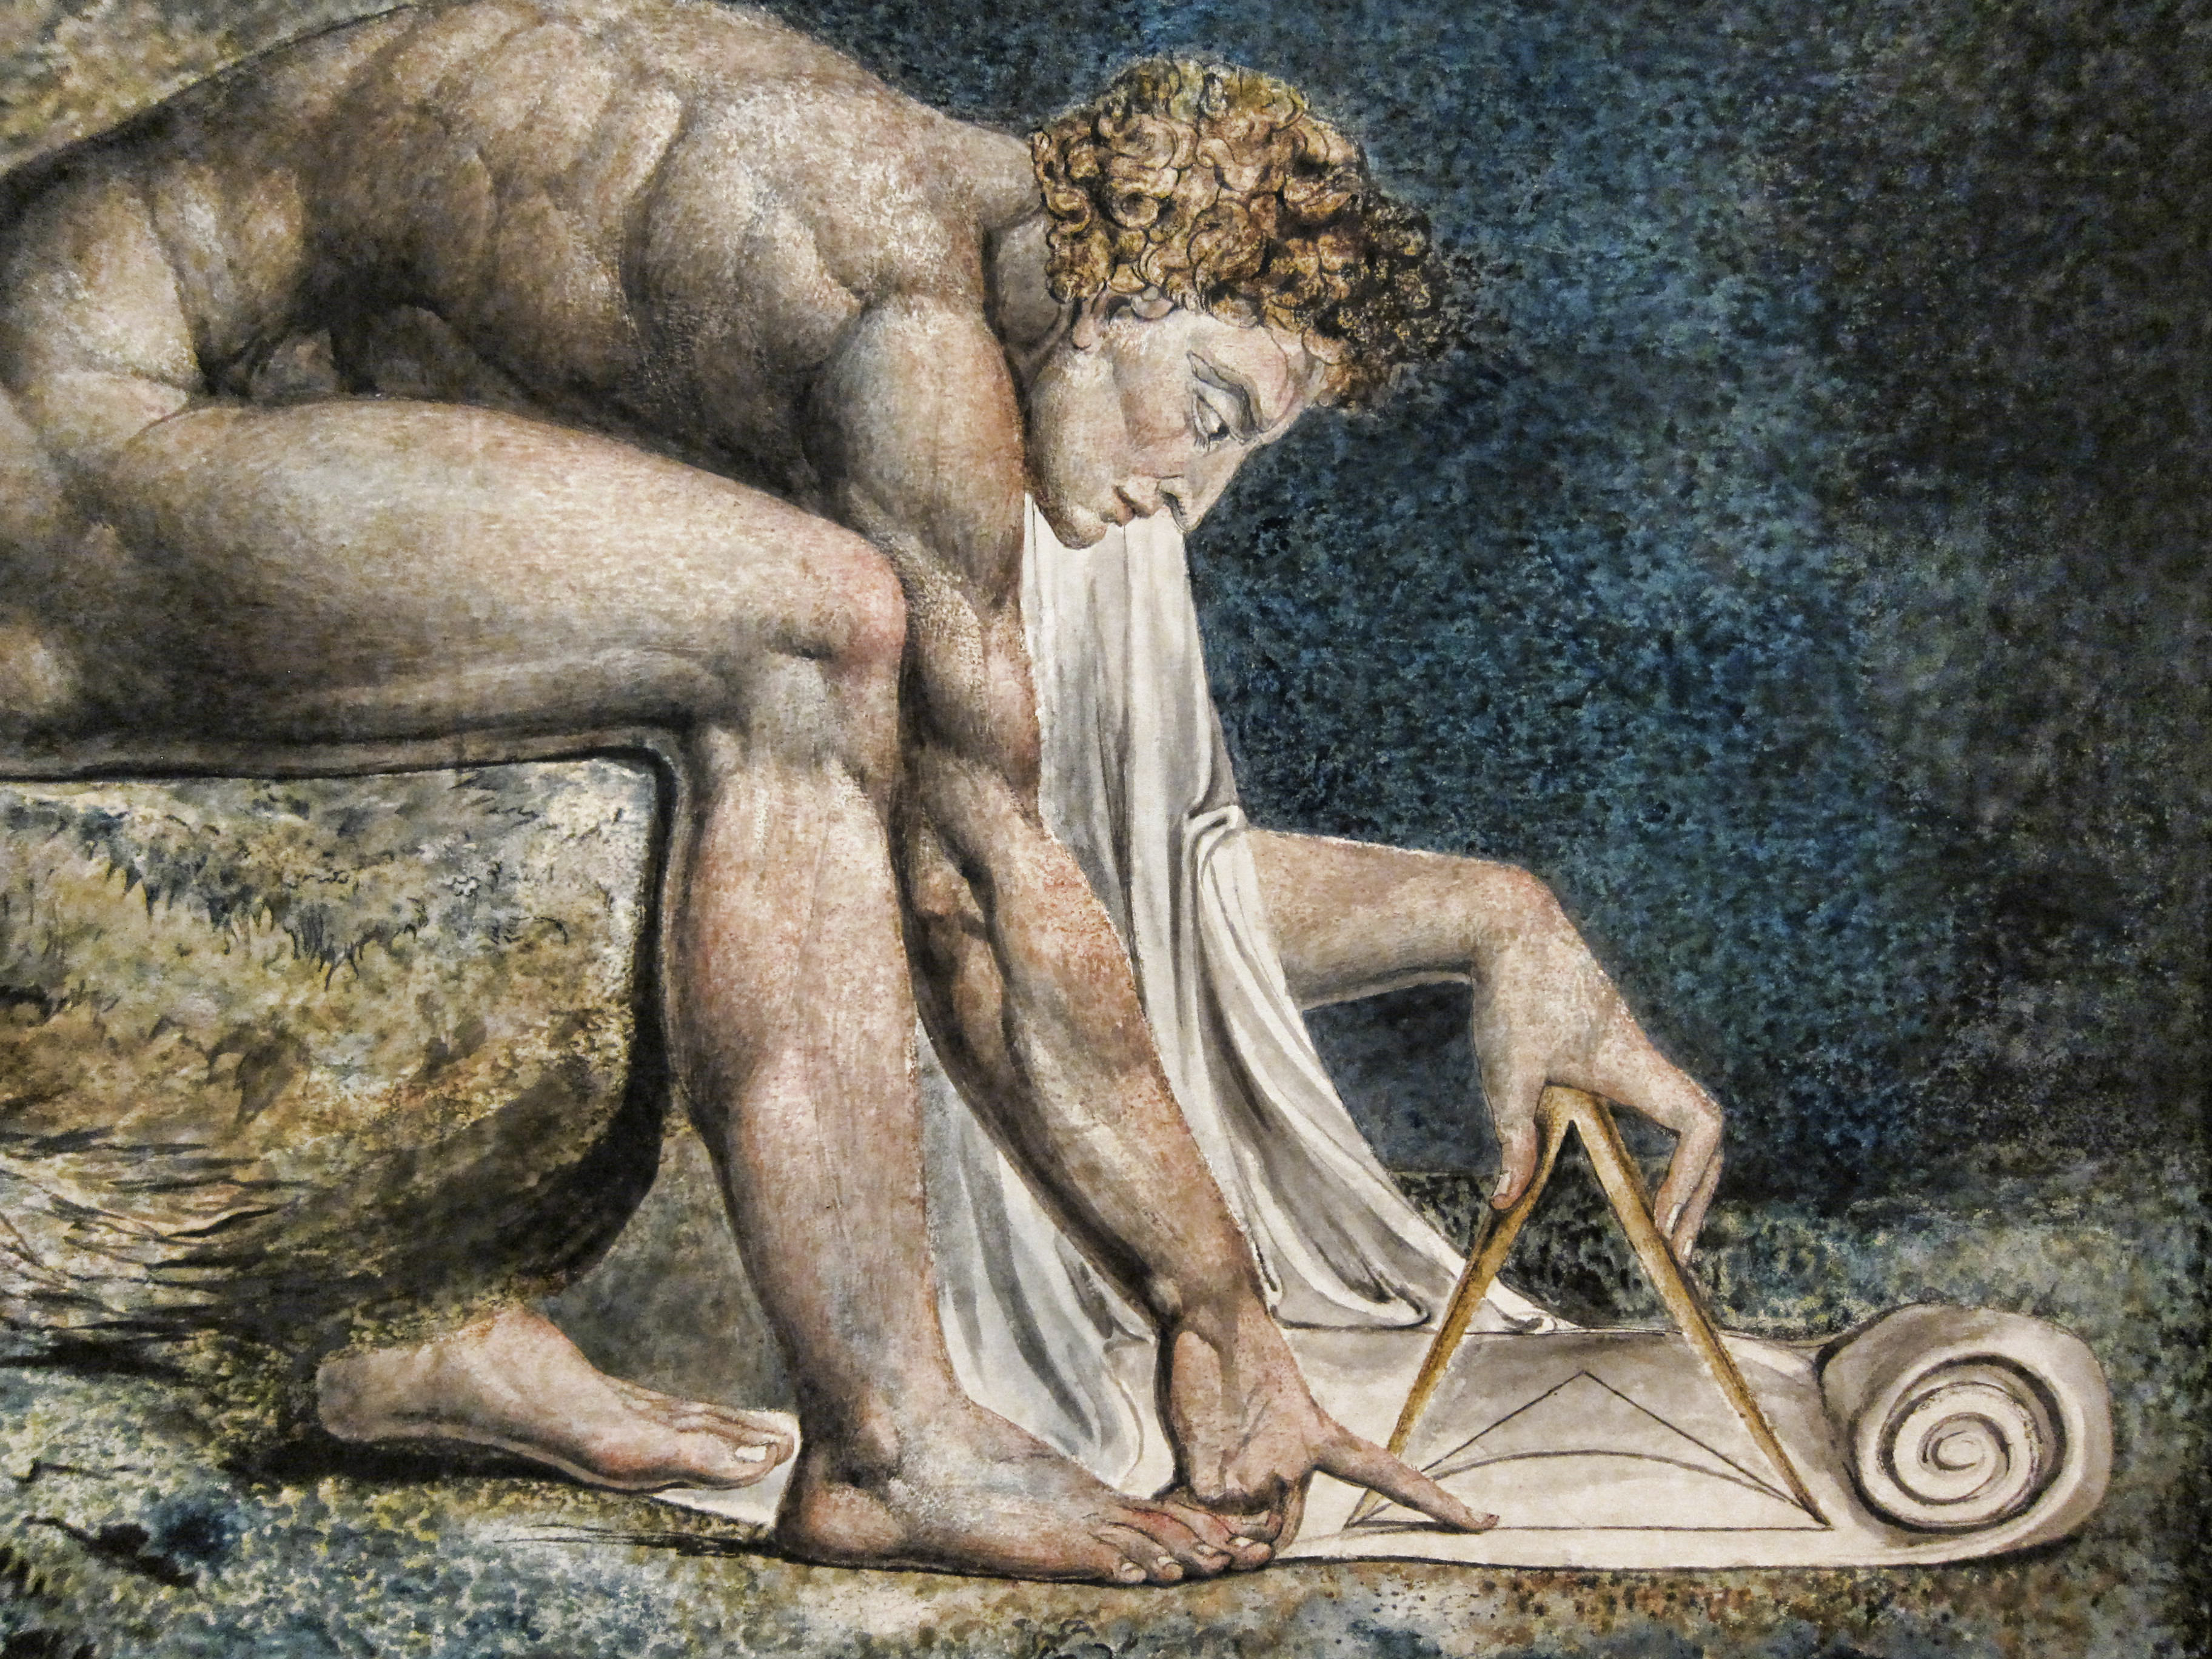 art of William Blake